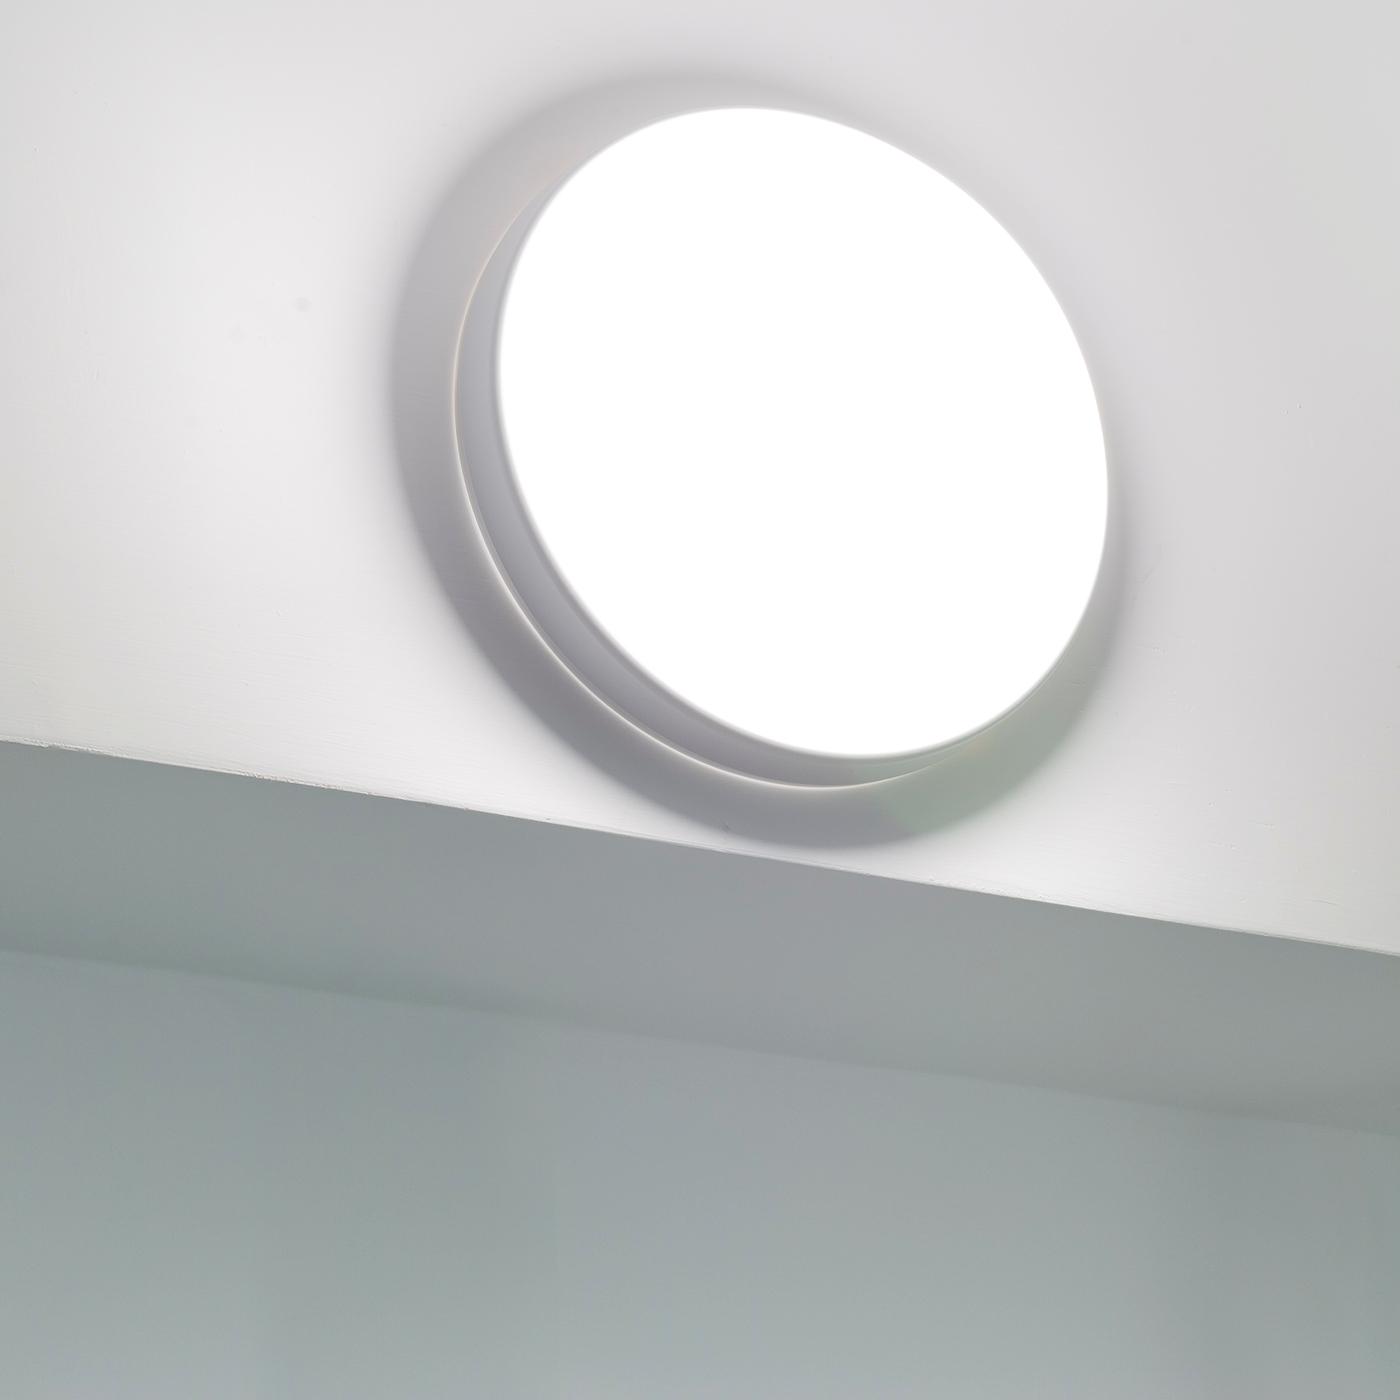 flame - Applique e incassi da parete per esterni - planetitaly - Lampada plafoniera per esterni ...